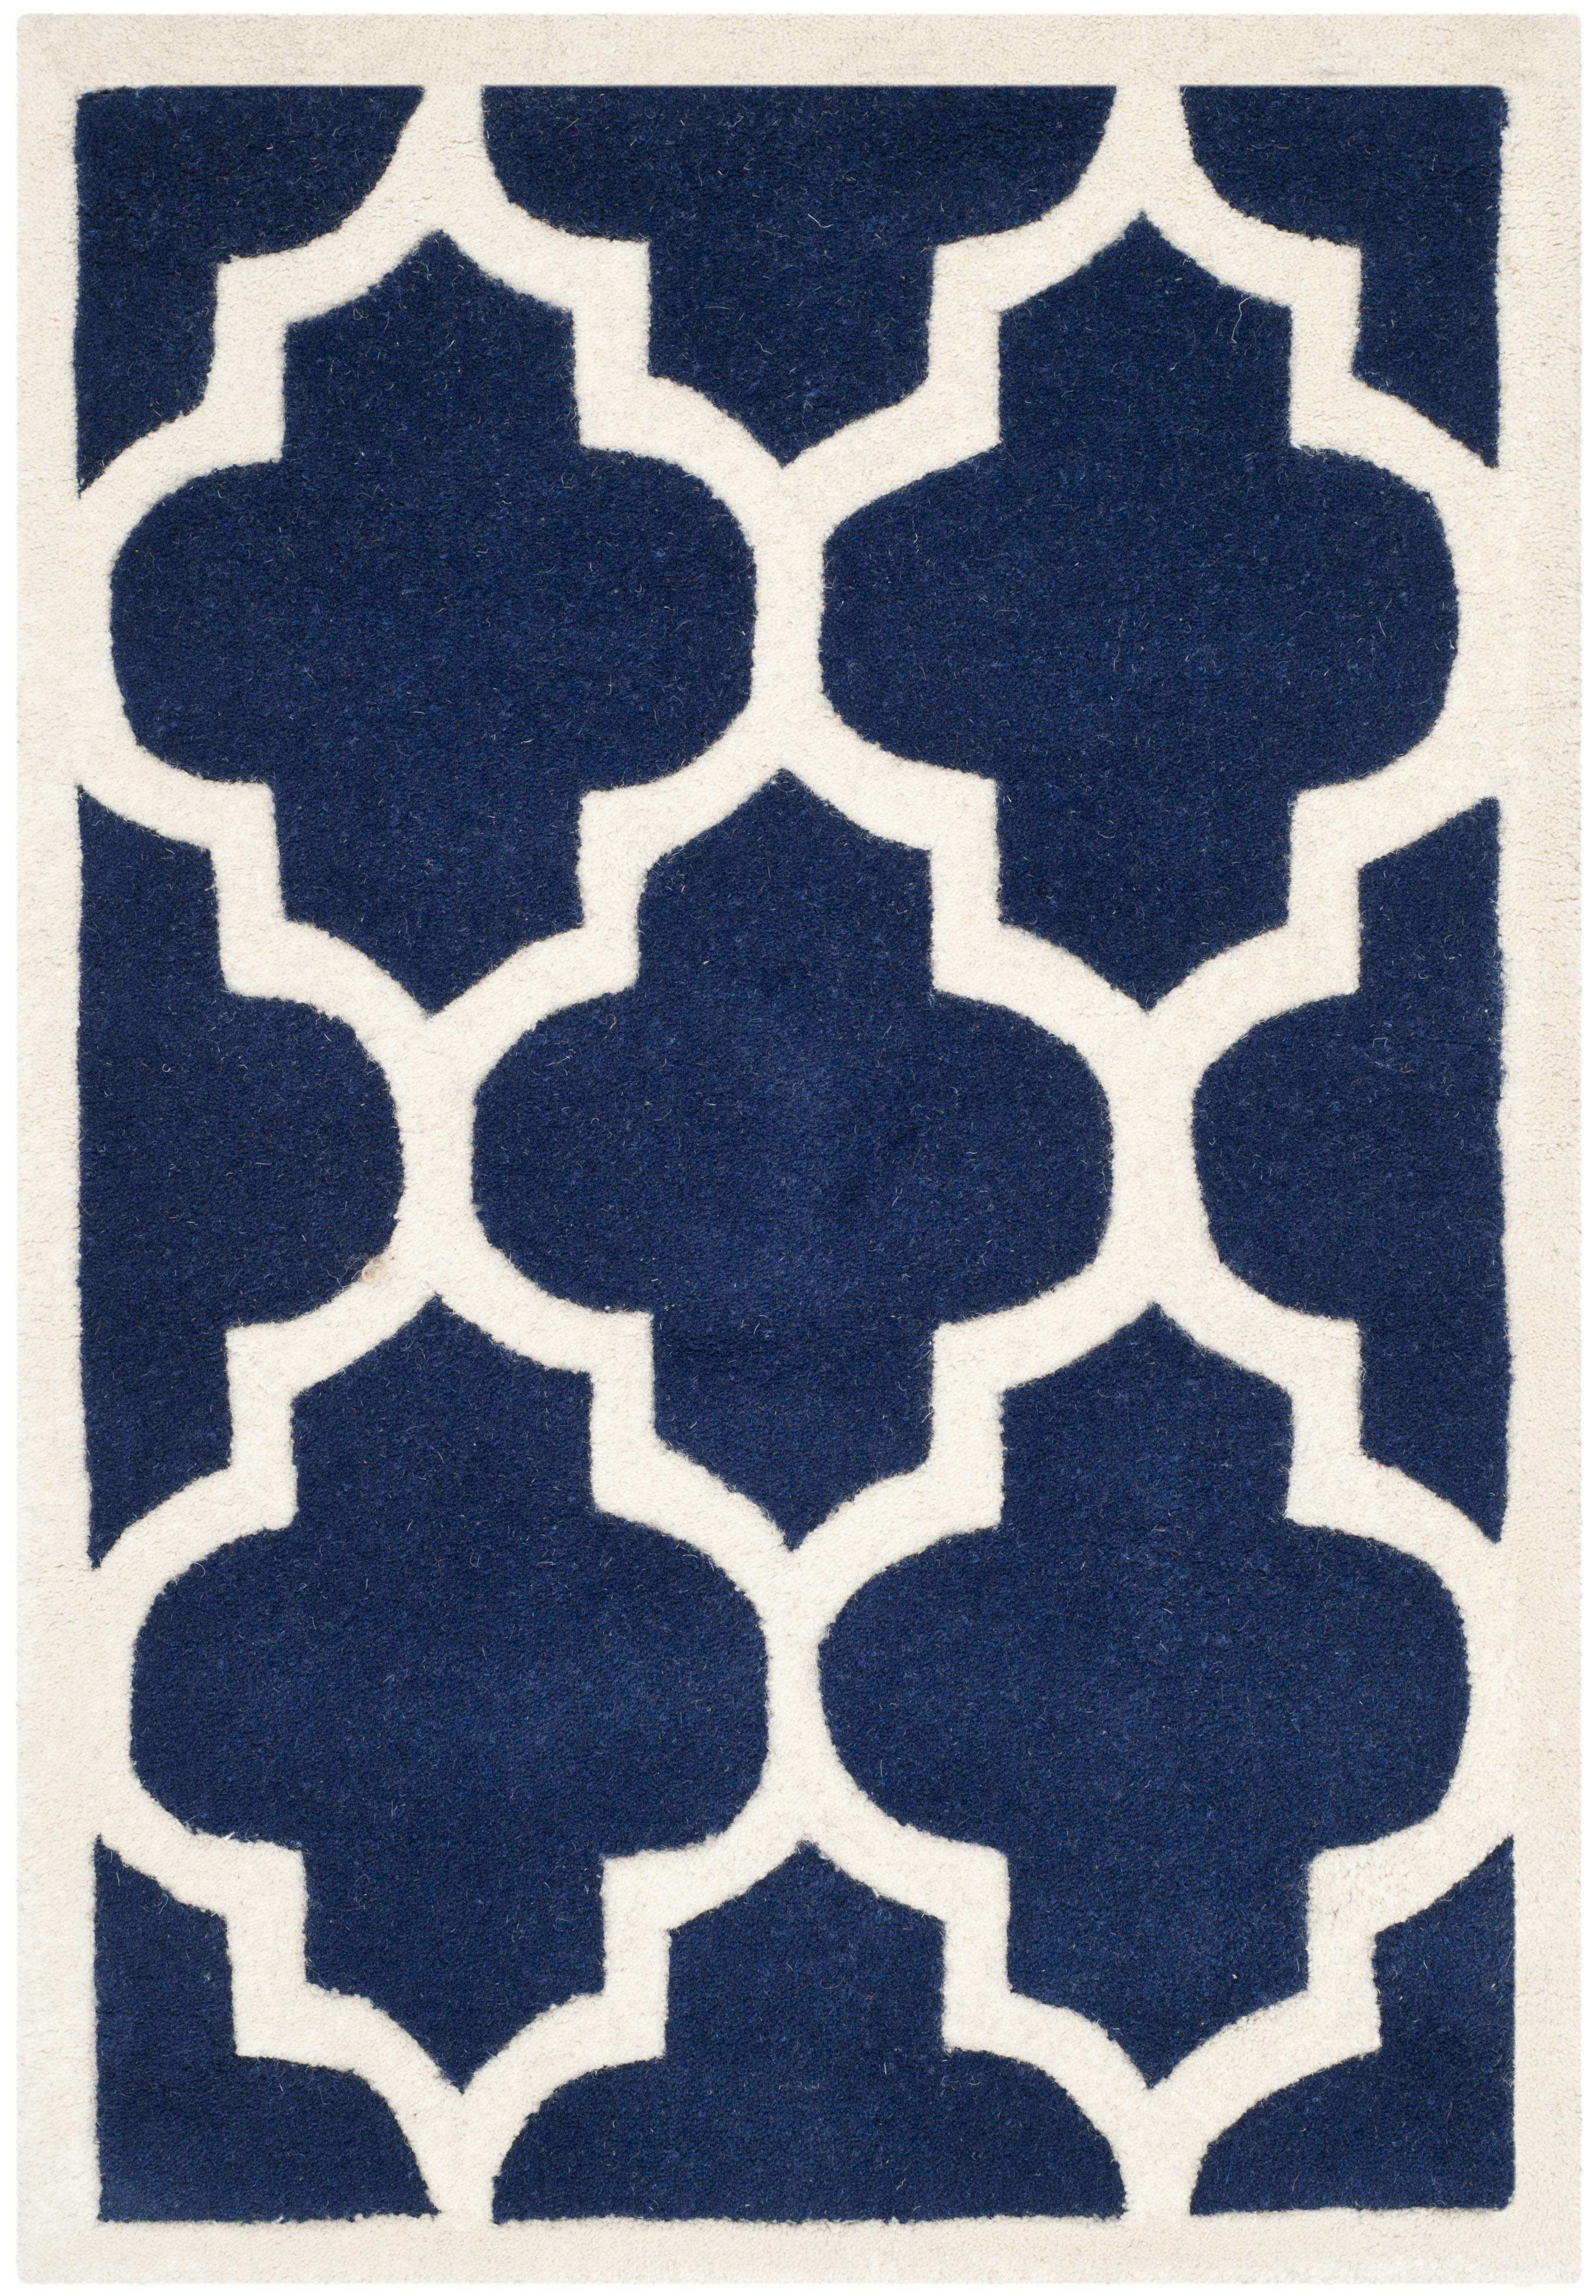 Tapis de salon moderne  bleu foncé et ivoire 91x152